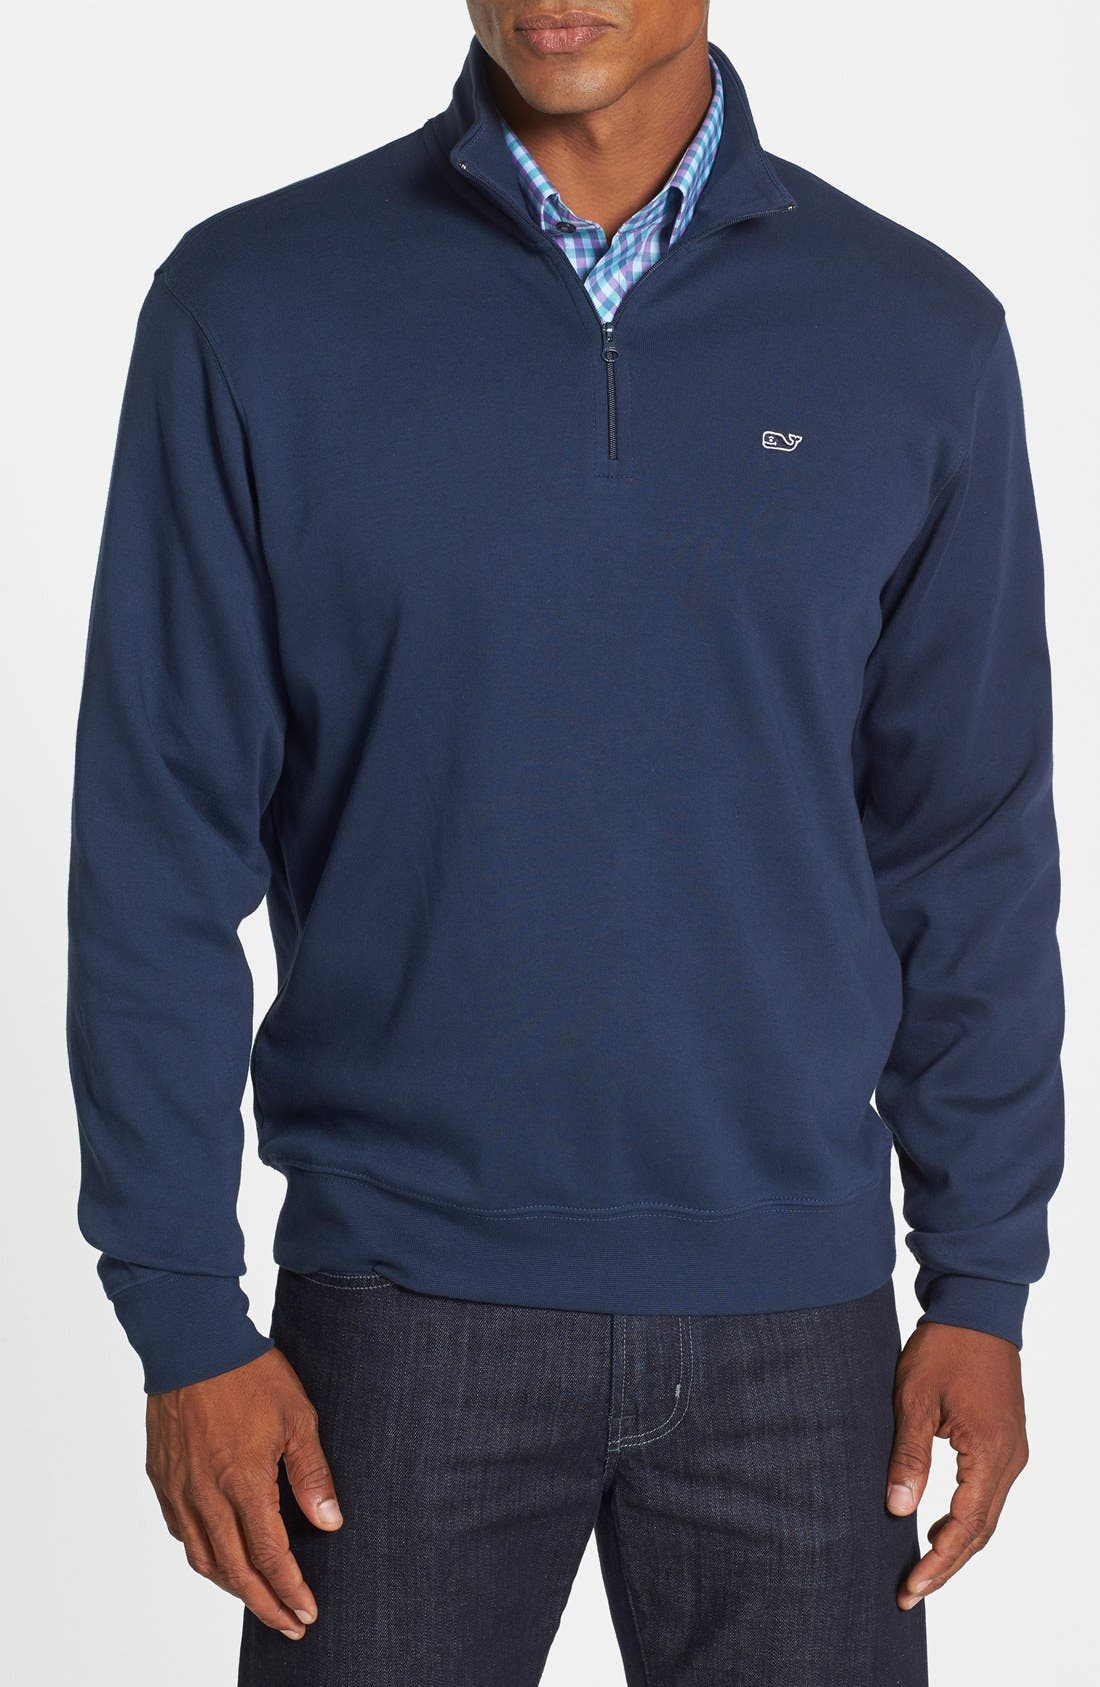 Main Image - Vineyard Vines Quarter Zip Cotton Jersey Sweatshirt